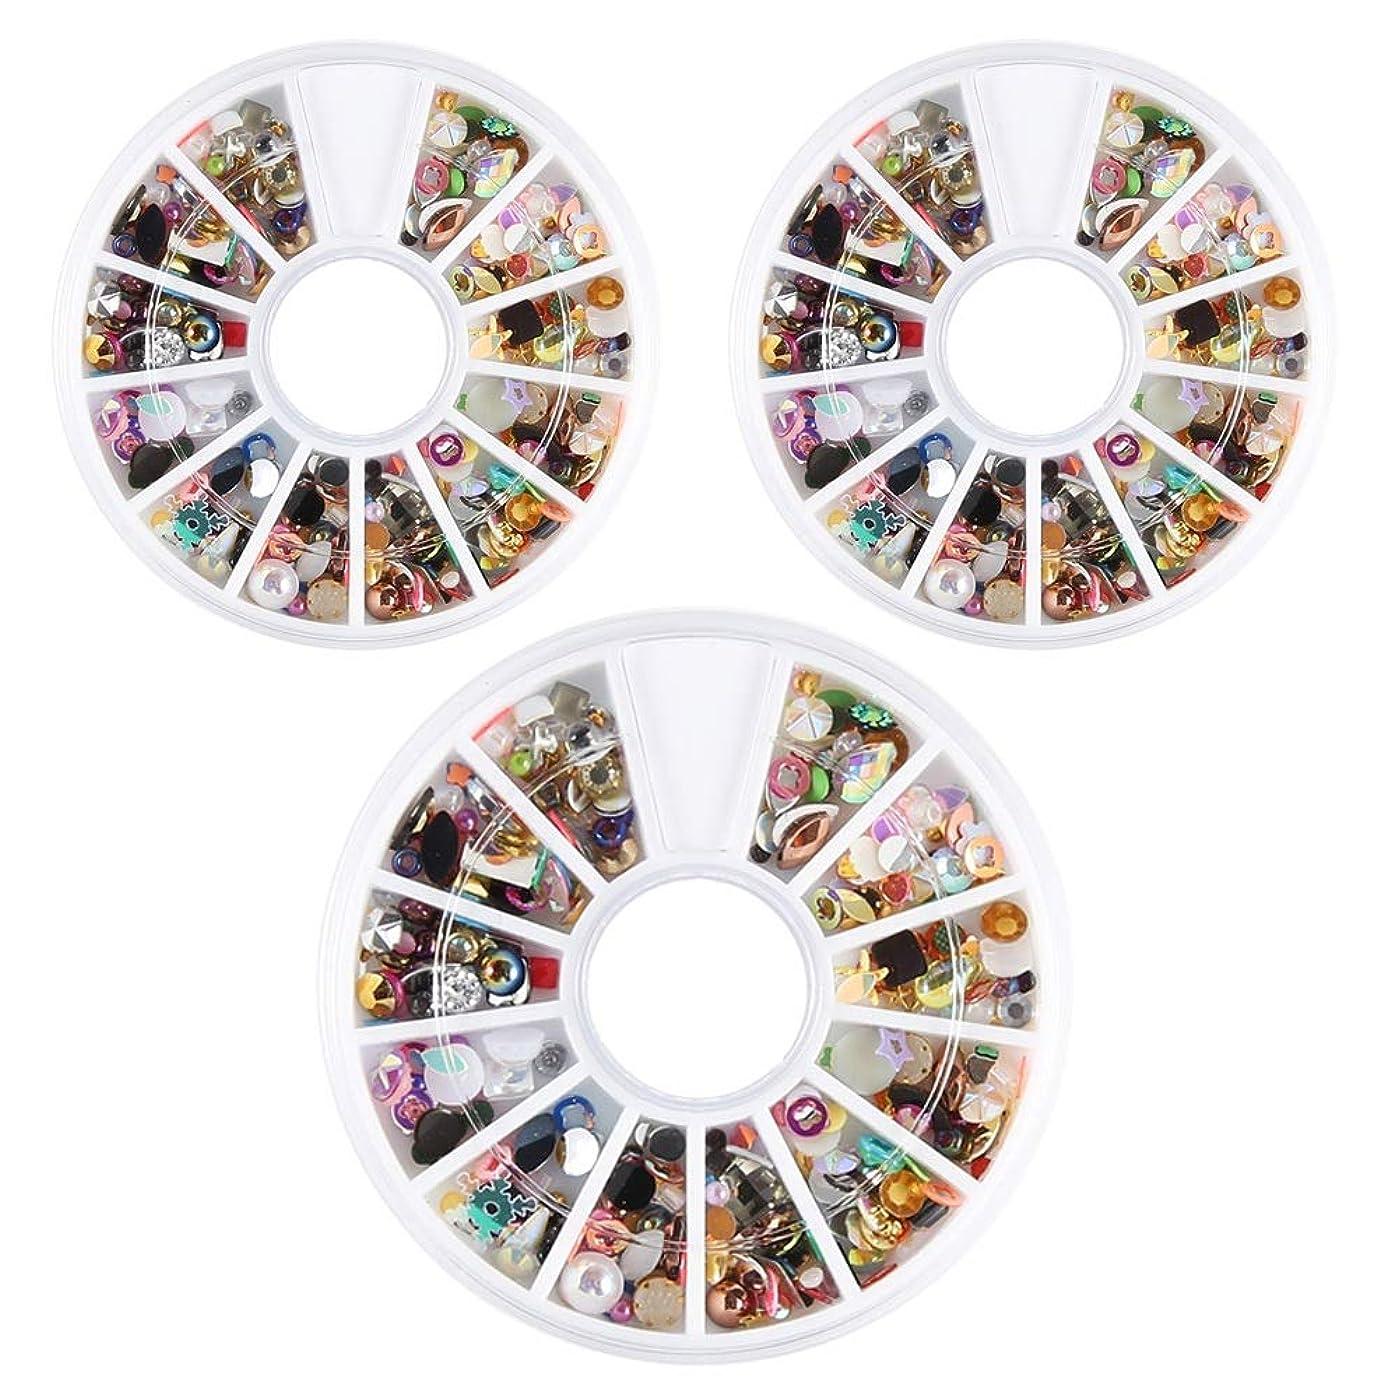 愛国的な毛皮織るネイルデコパーツ ネイルパーツ 3D ネイルアートデコレーション DIY ネイルデザイン ミックスパーツ カラフルな宝石 3ボック/スセット ネイル デコ用